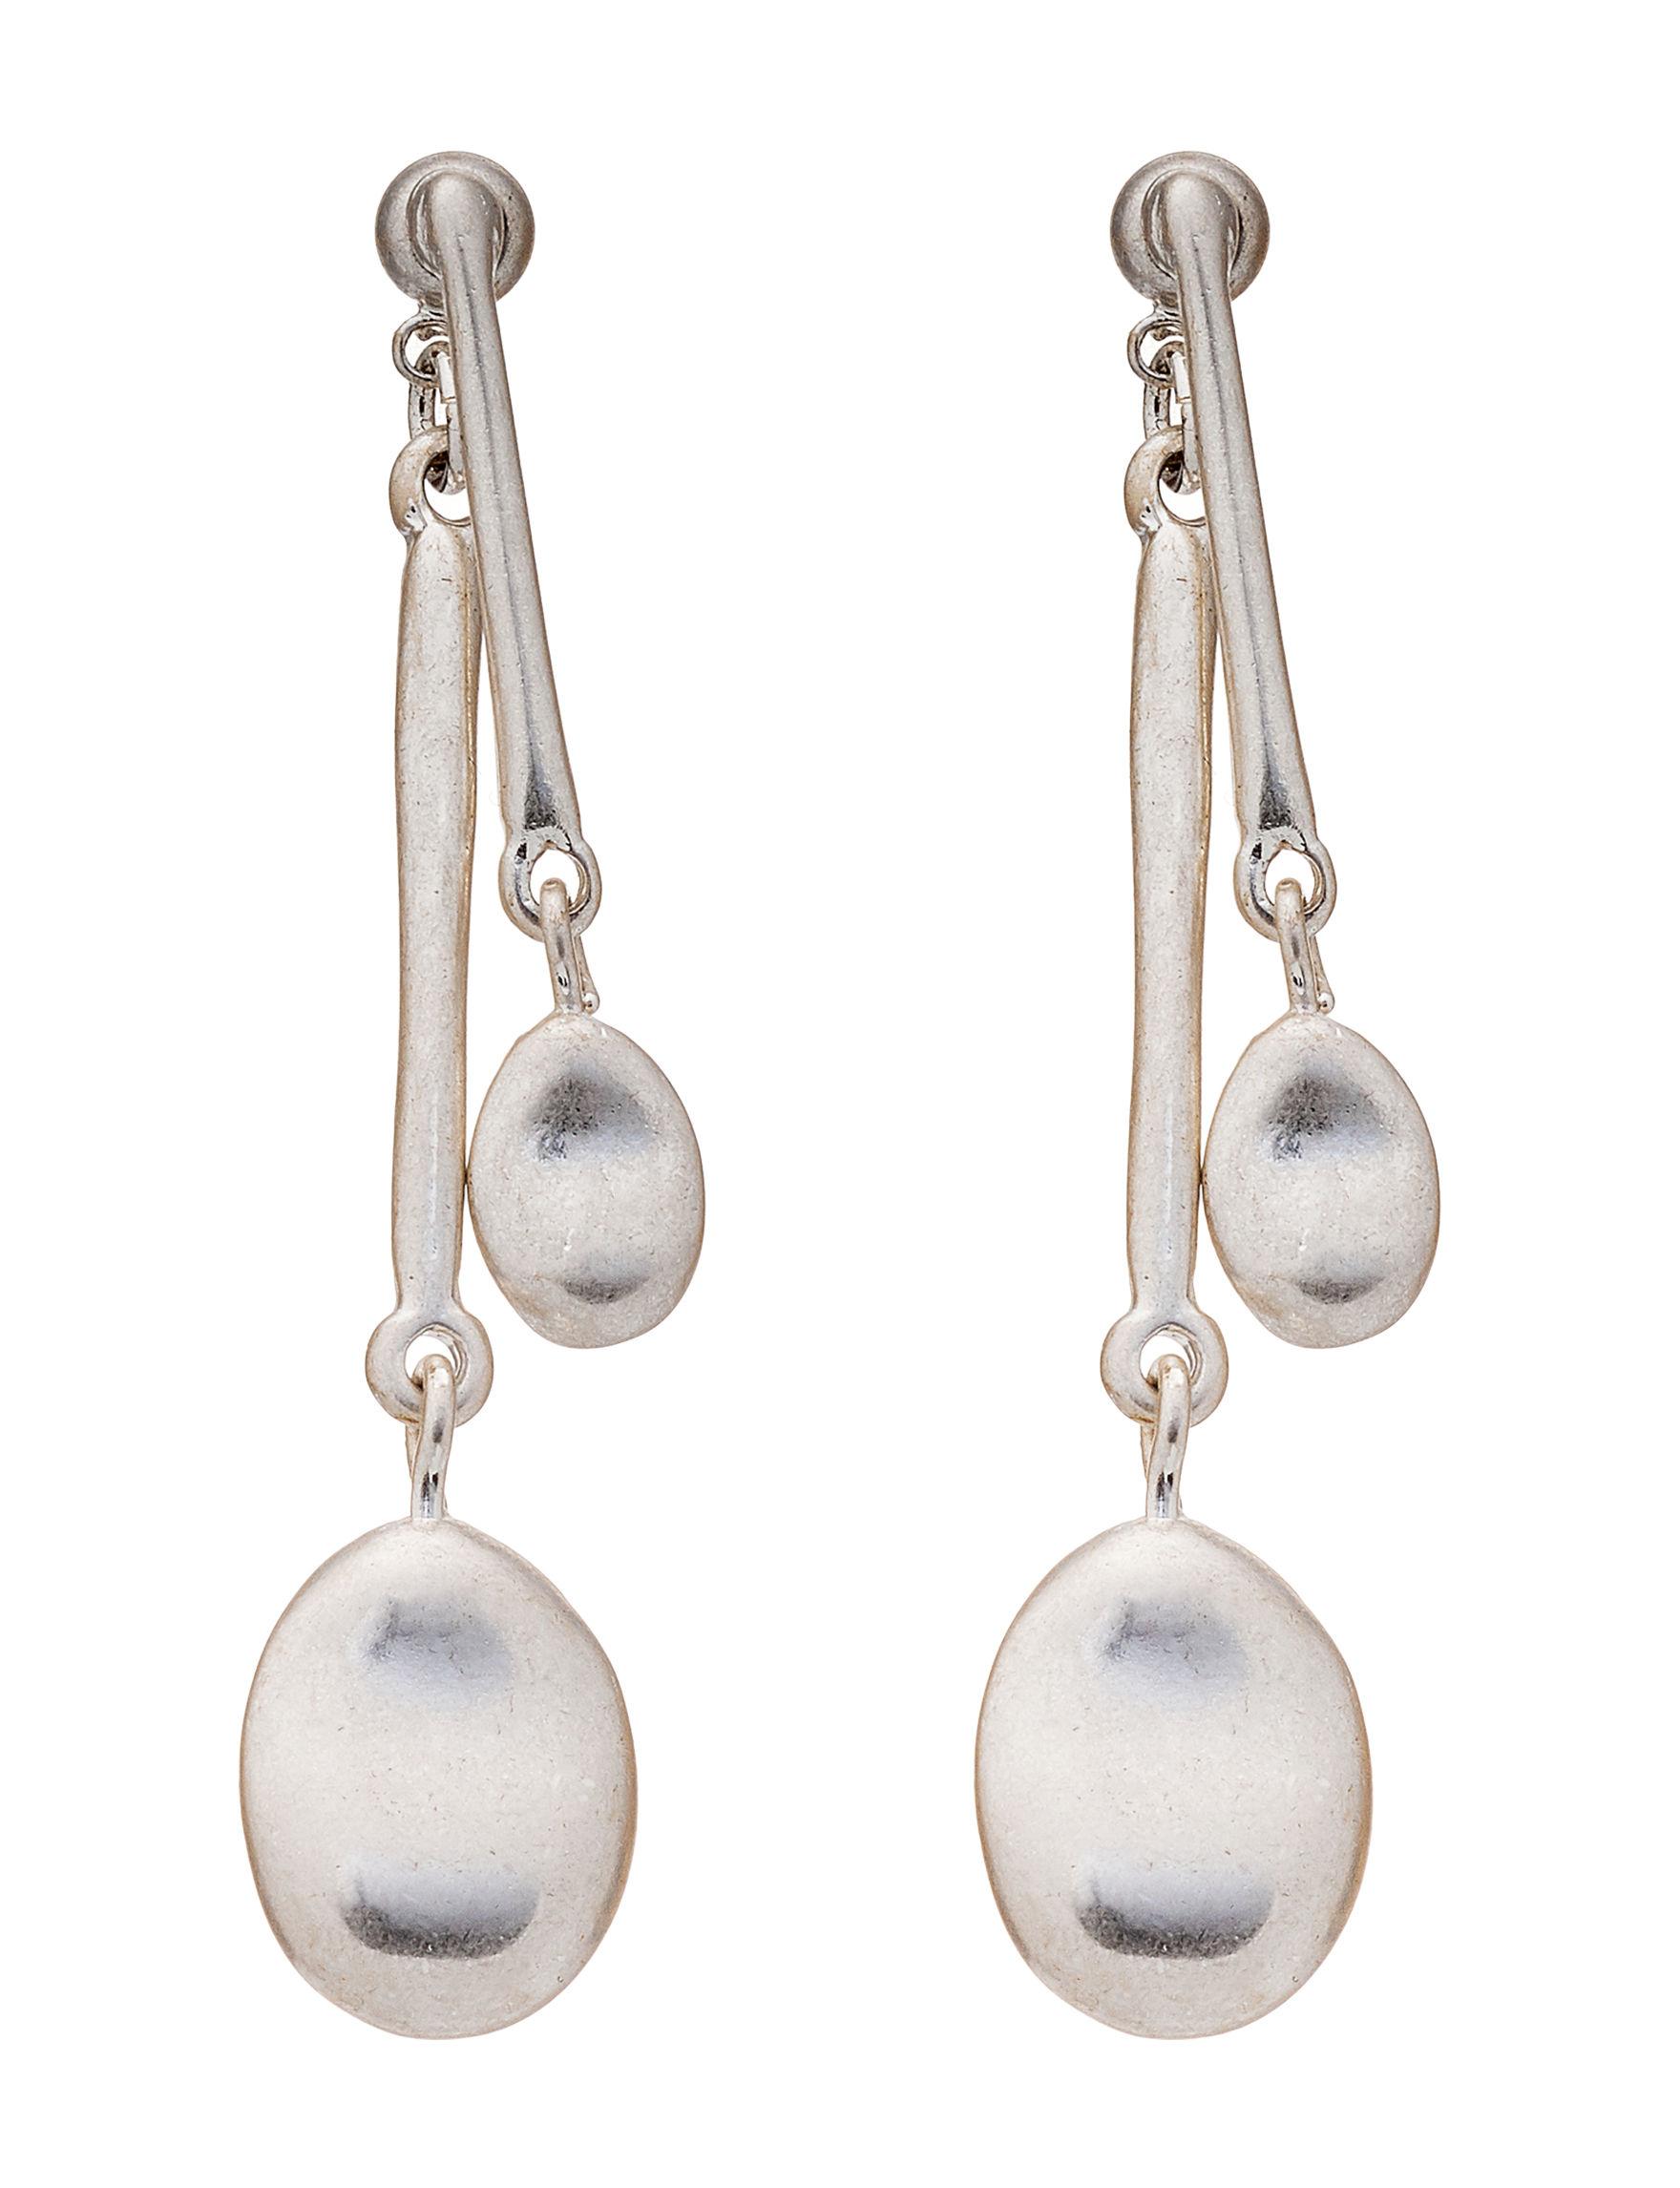 Bella Uno Silver Drops Earrings Fashion Jewelry